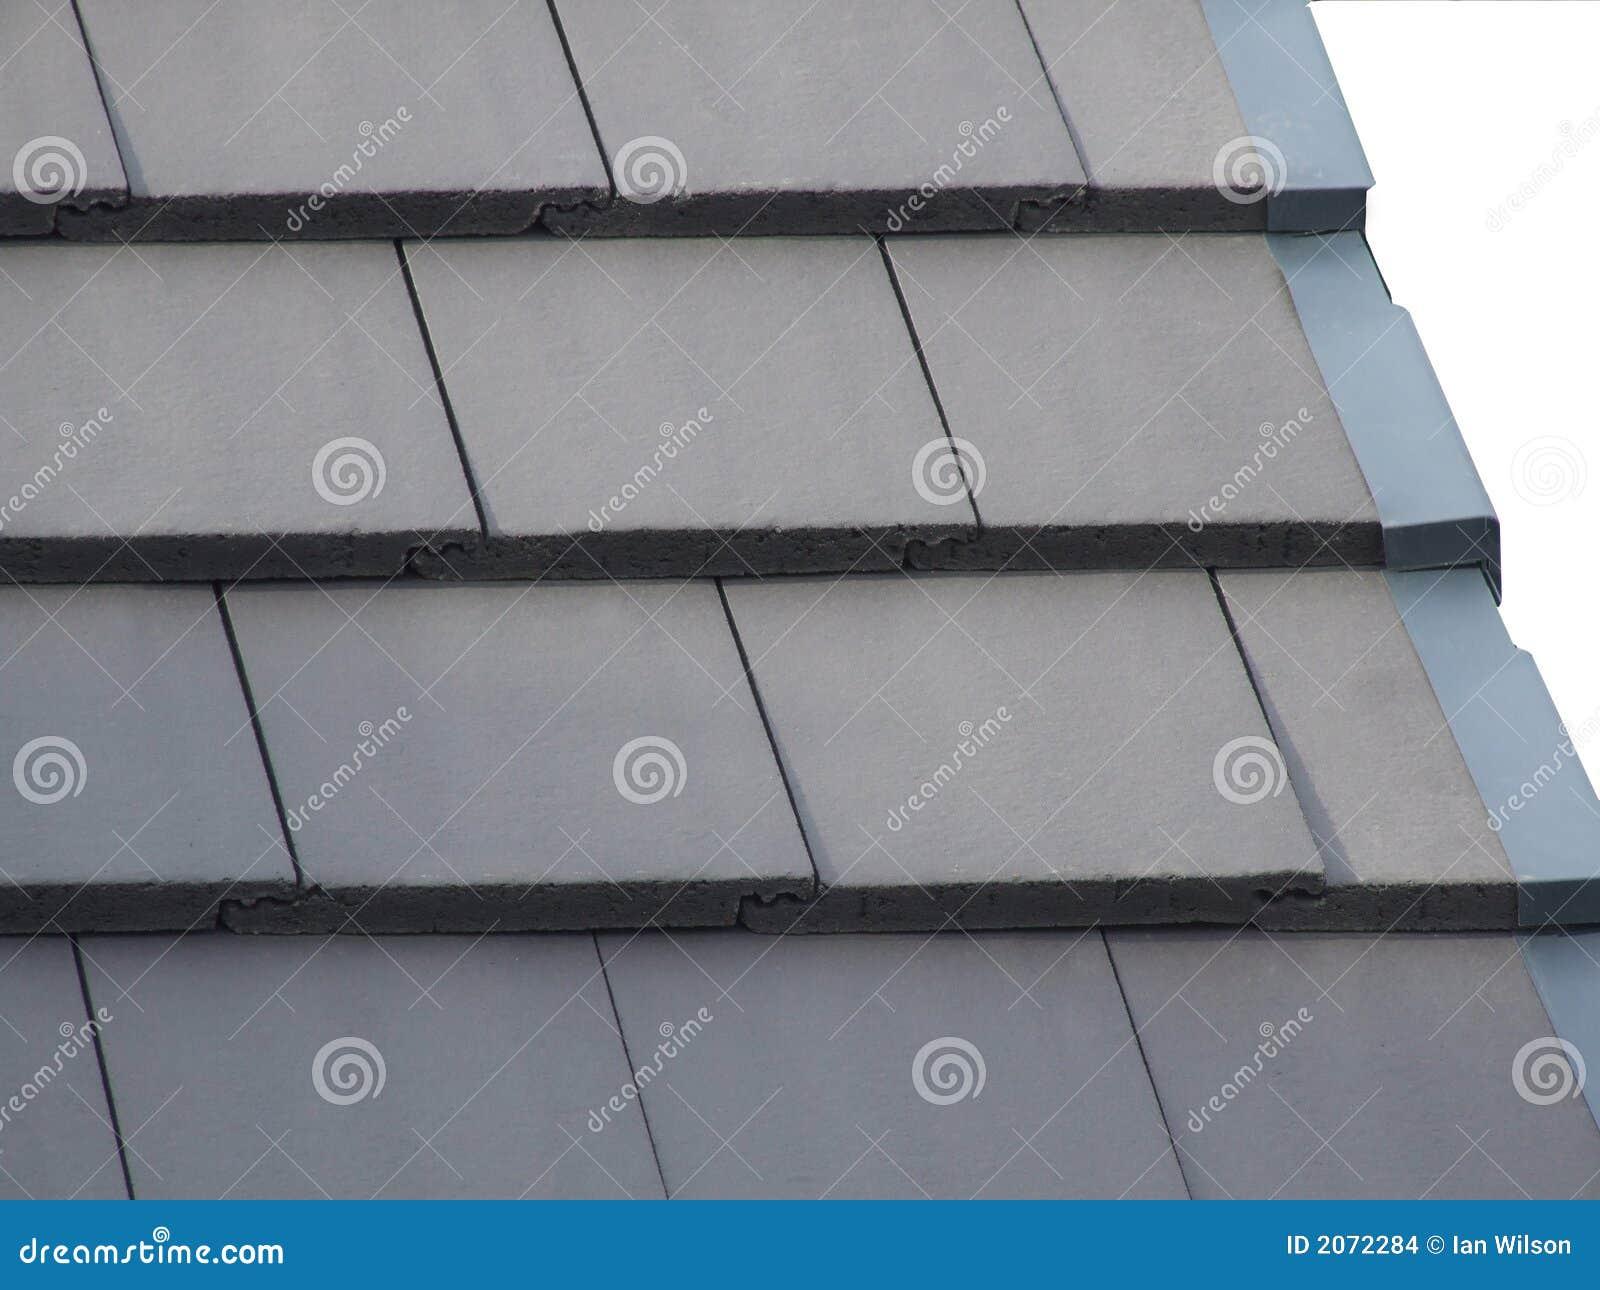 roof proceeds return takings